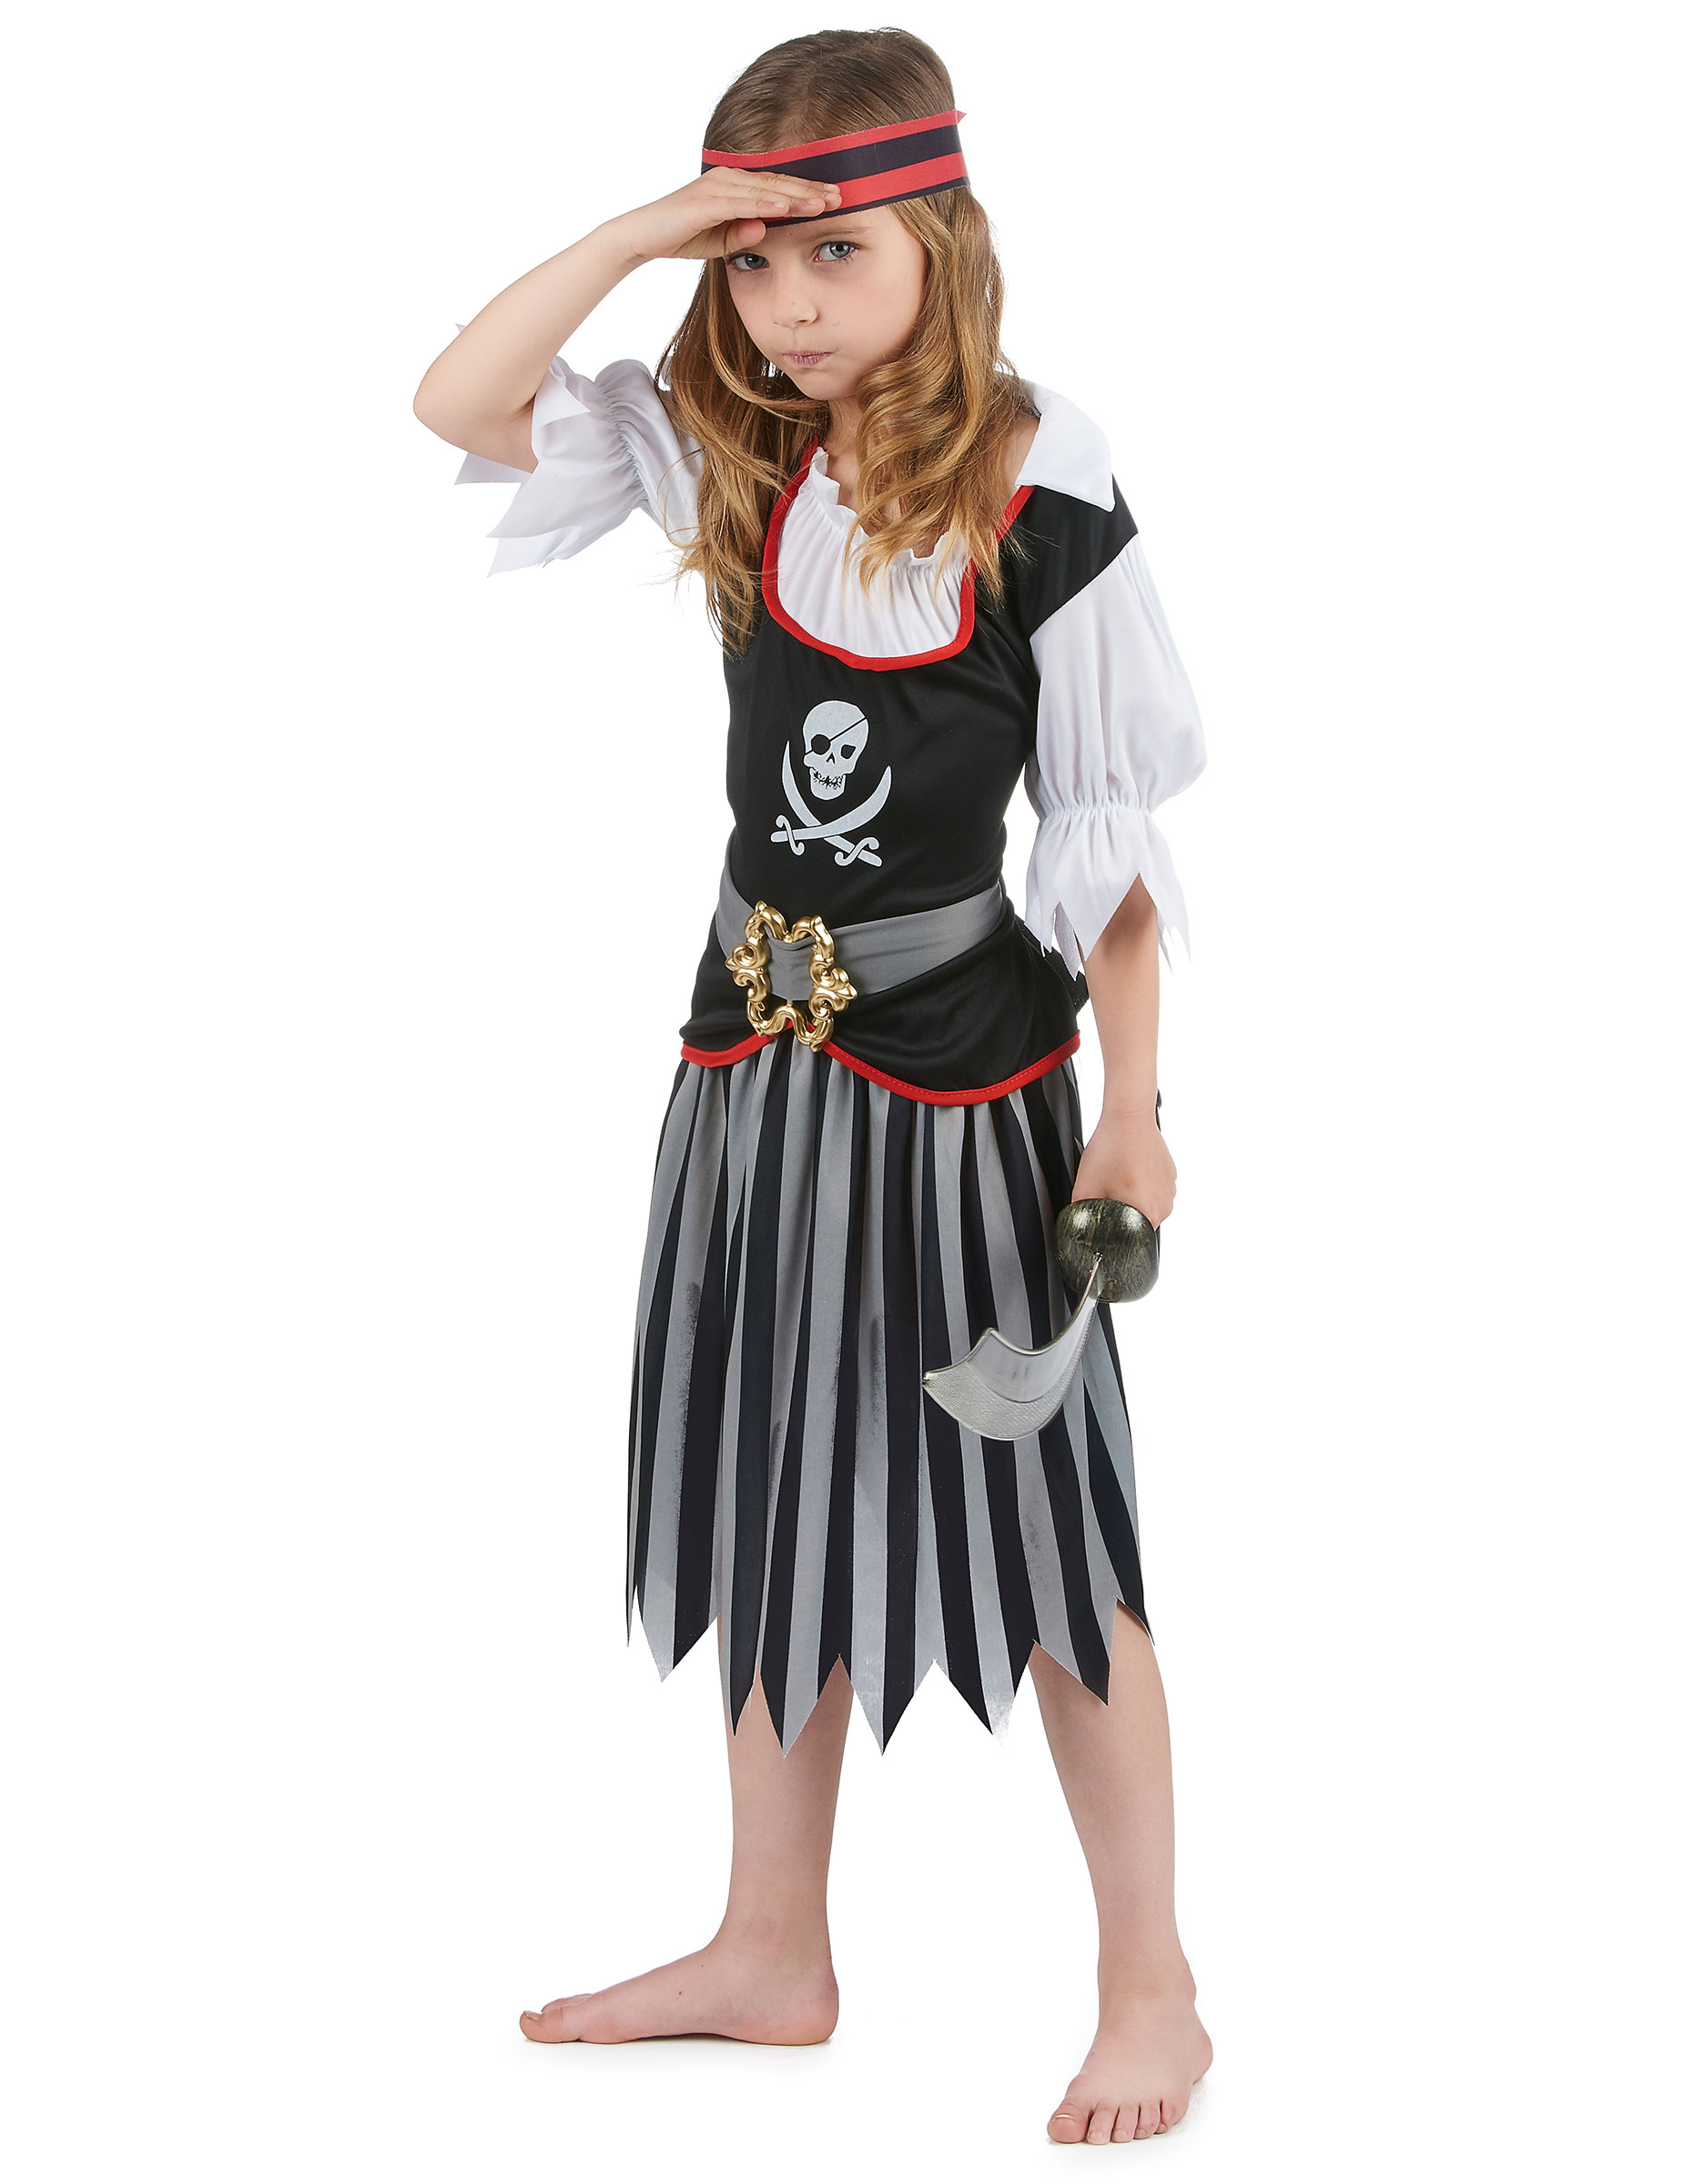 Otrevliga Olivia - Piratdräkt för barn-1 128b8b97f4a58